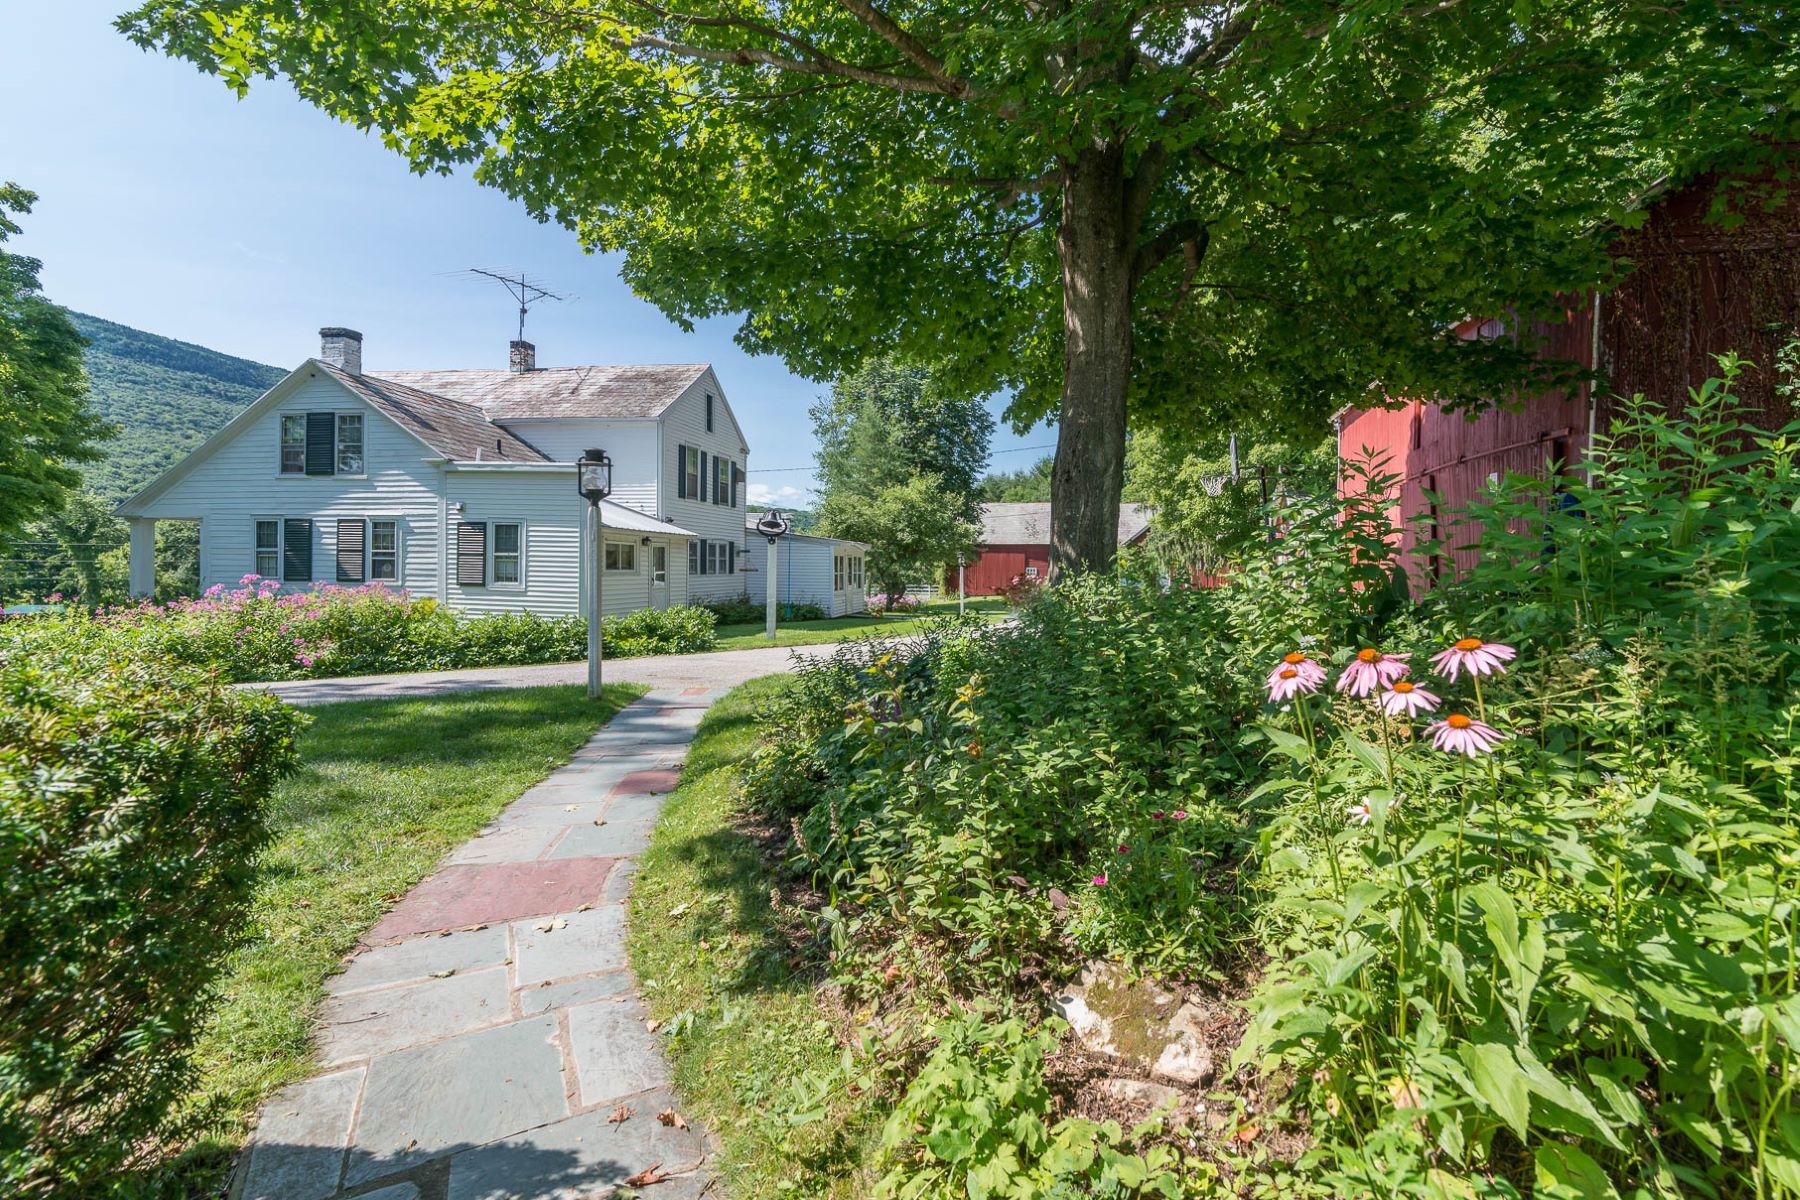 Maison unifamiliale pour l Vente à Sunny Lea Farm 1115 River Rd Manchester, Vermont, 05255 États-Unis